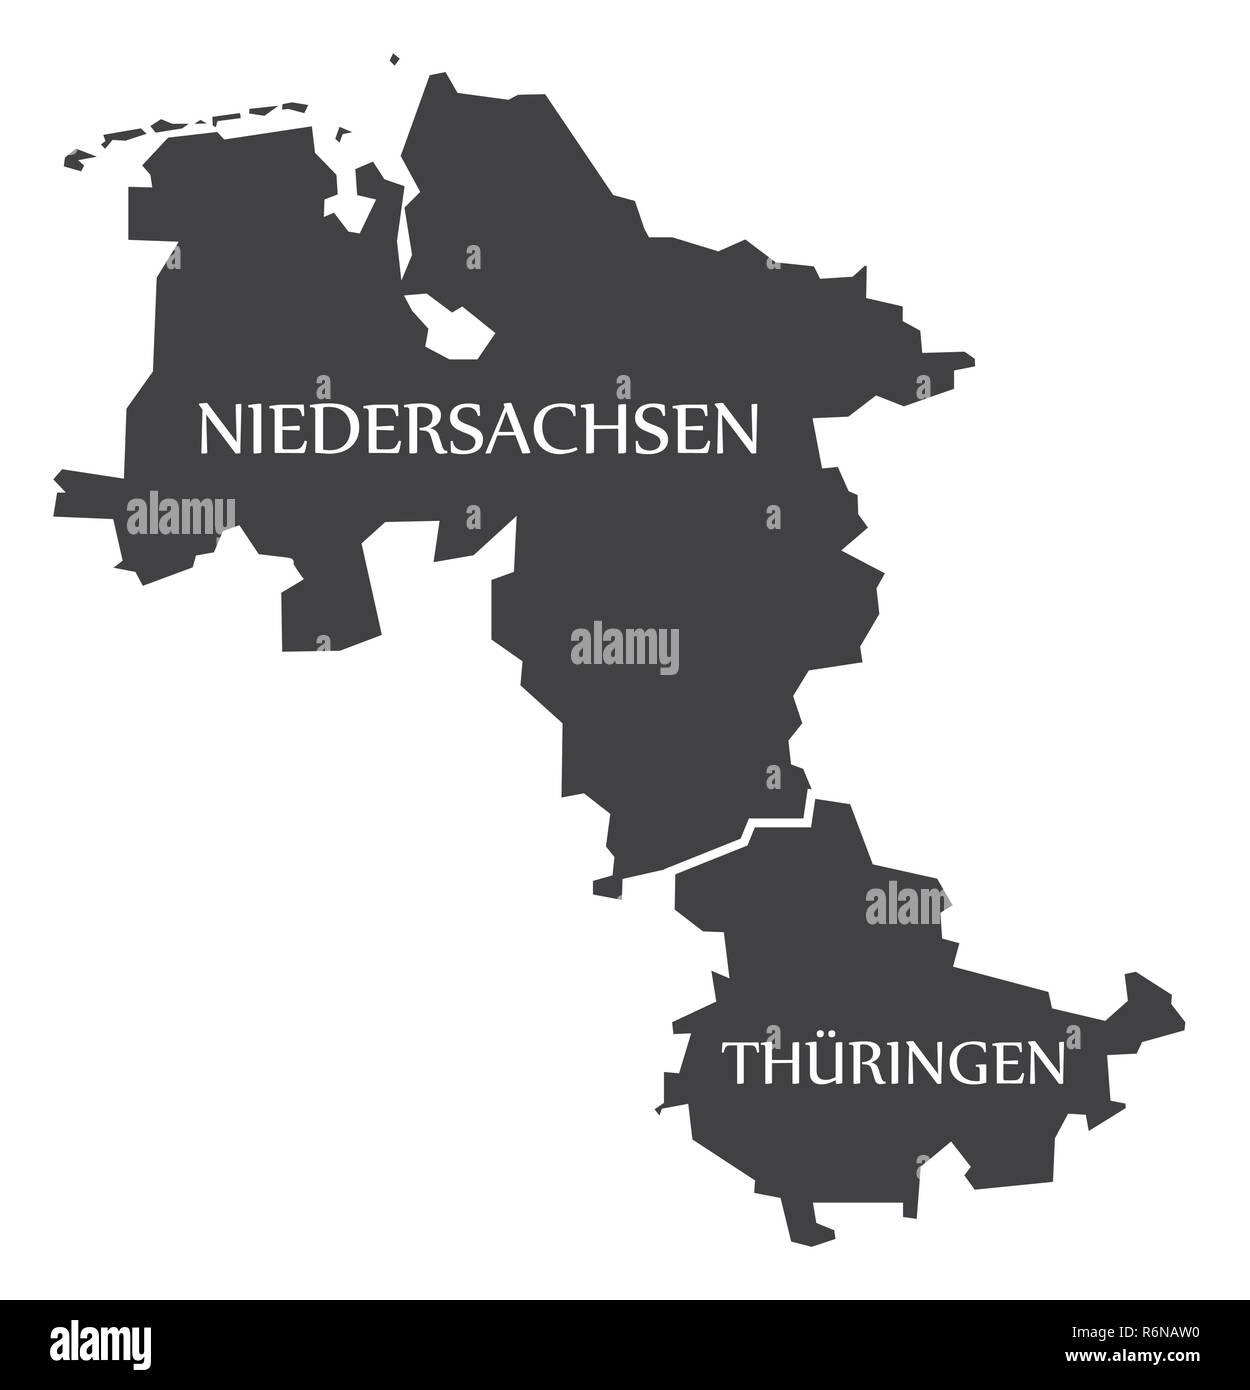 Carte Allemagne Thuringe.Basse Saxe Thuringe Etats Federaux Carte De L Allemagne Avec Des